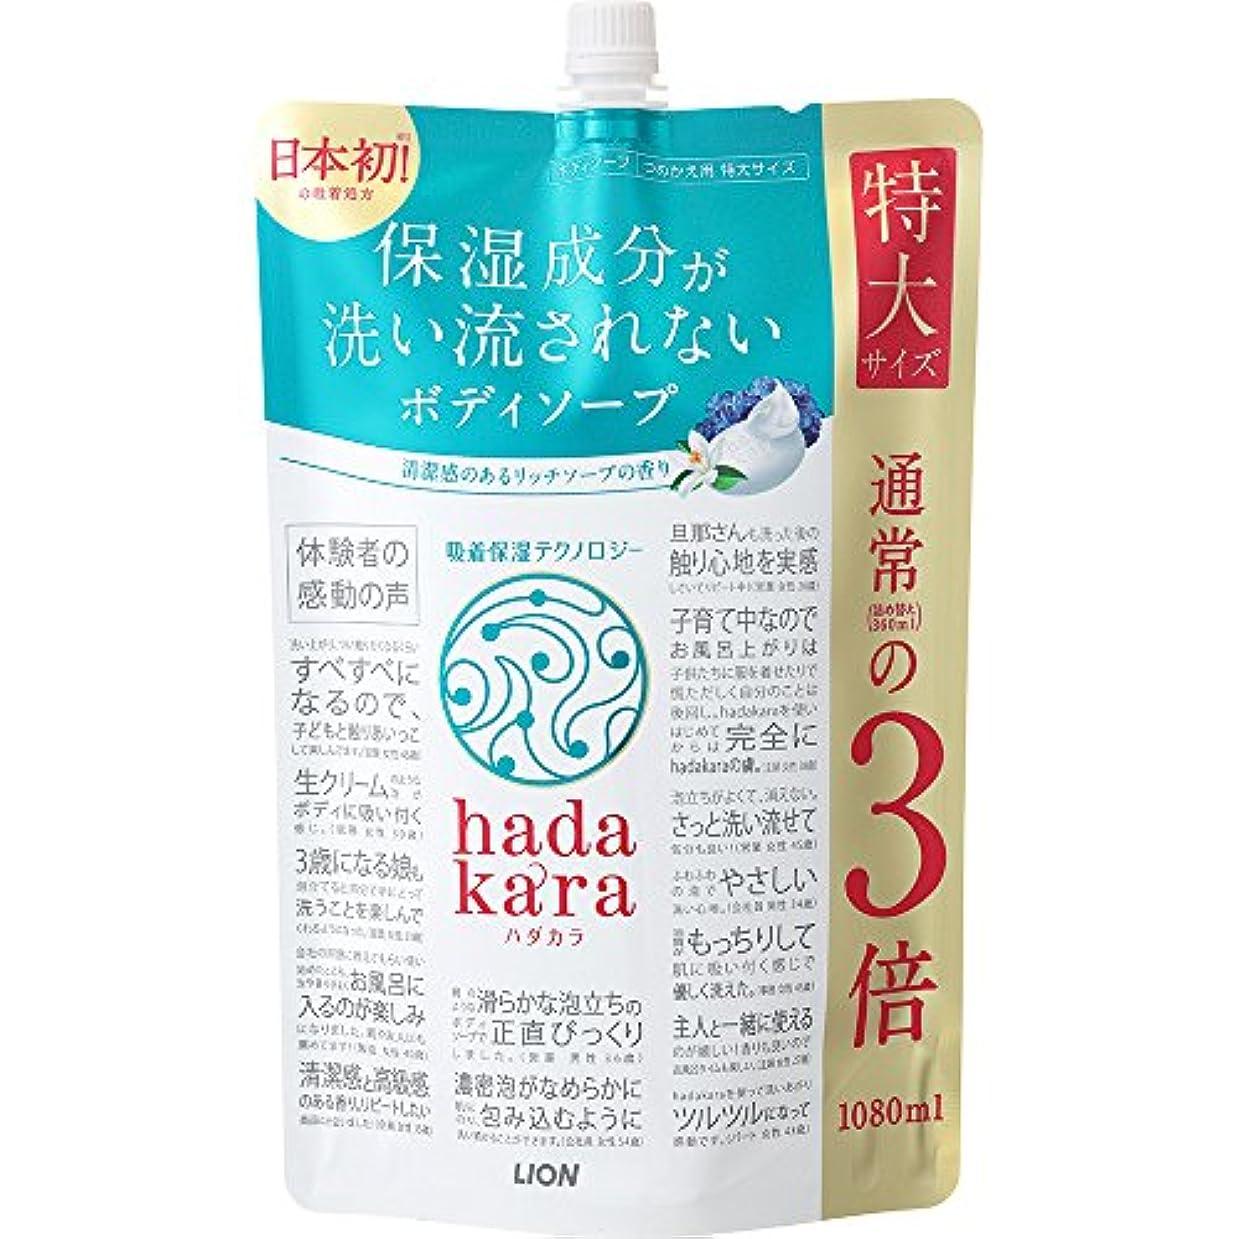 キャラバン義務合併【大容量】hadakara(ハダカラ) ボディソープ リッチソープの香り 詰め替え 特大 1080ml